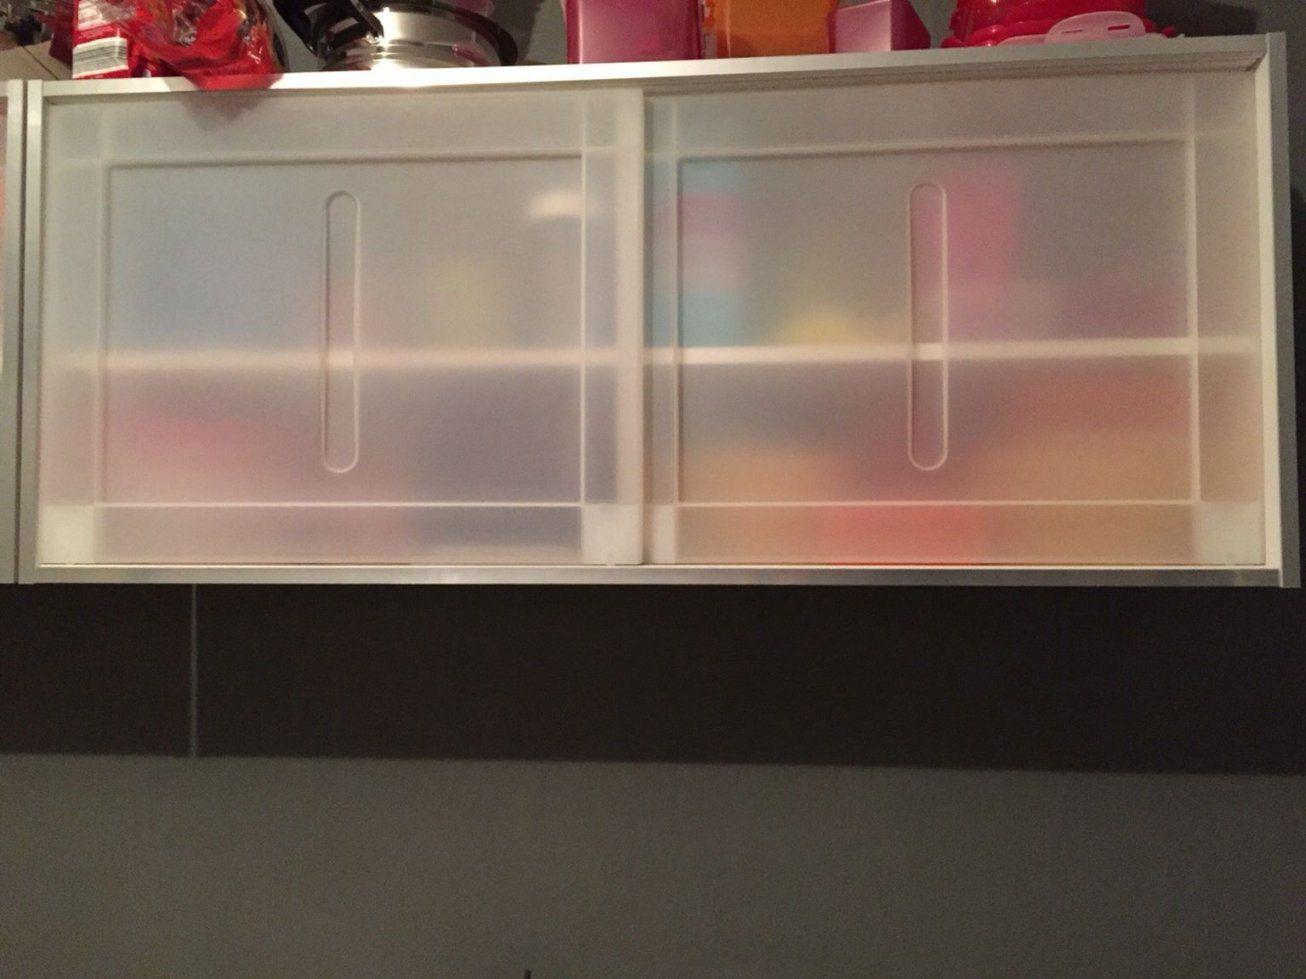 Gebraucht Ikea Hängeschrank Küchenschrank Attityd In 22111 Hamburg von Ikea Küchenschrank Mit Schiebetüren Bild